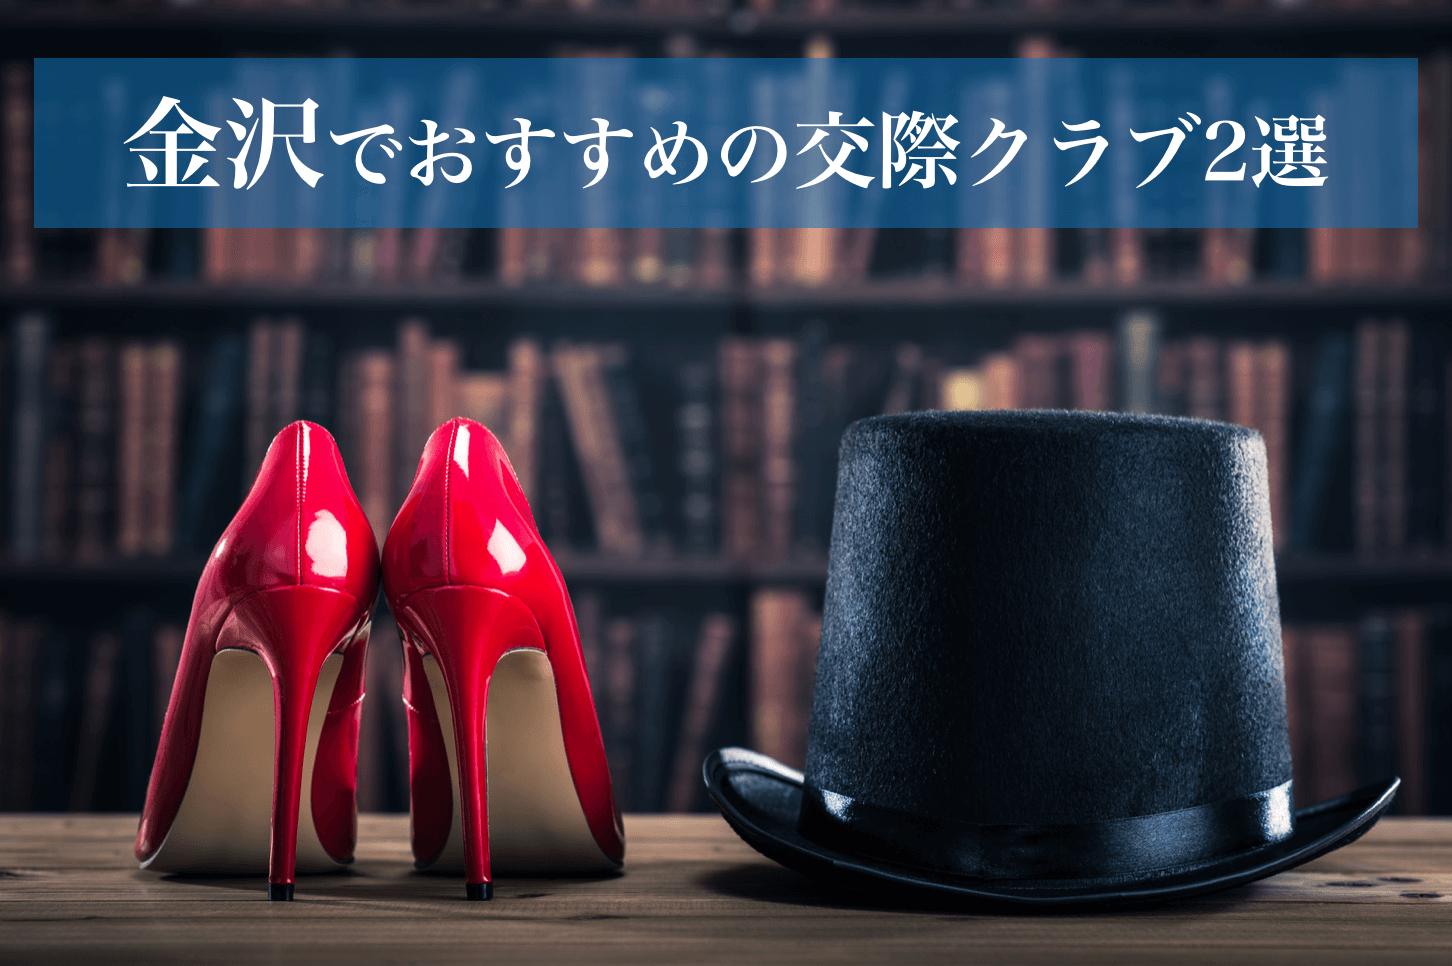 金沢でおすすめの交際クラブ2選